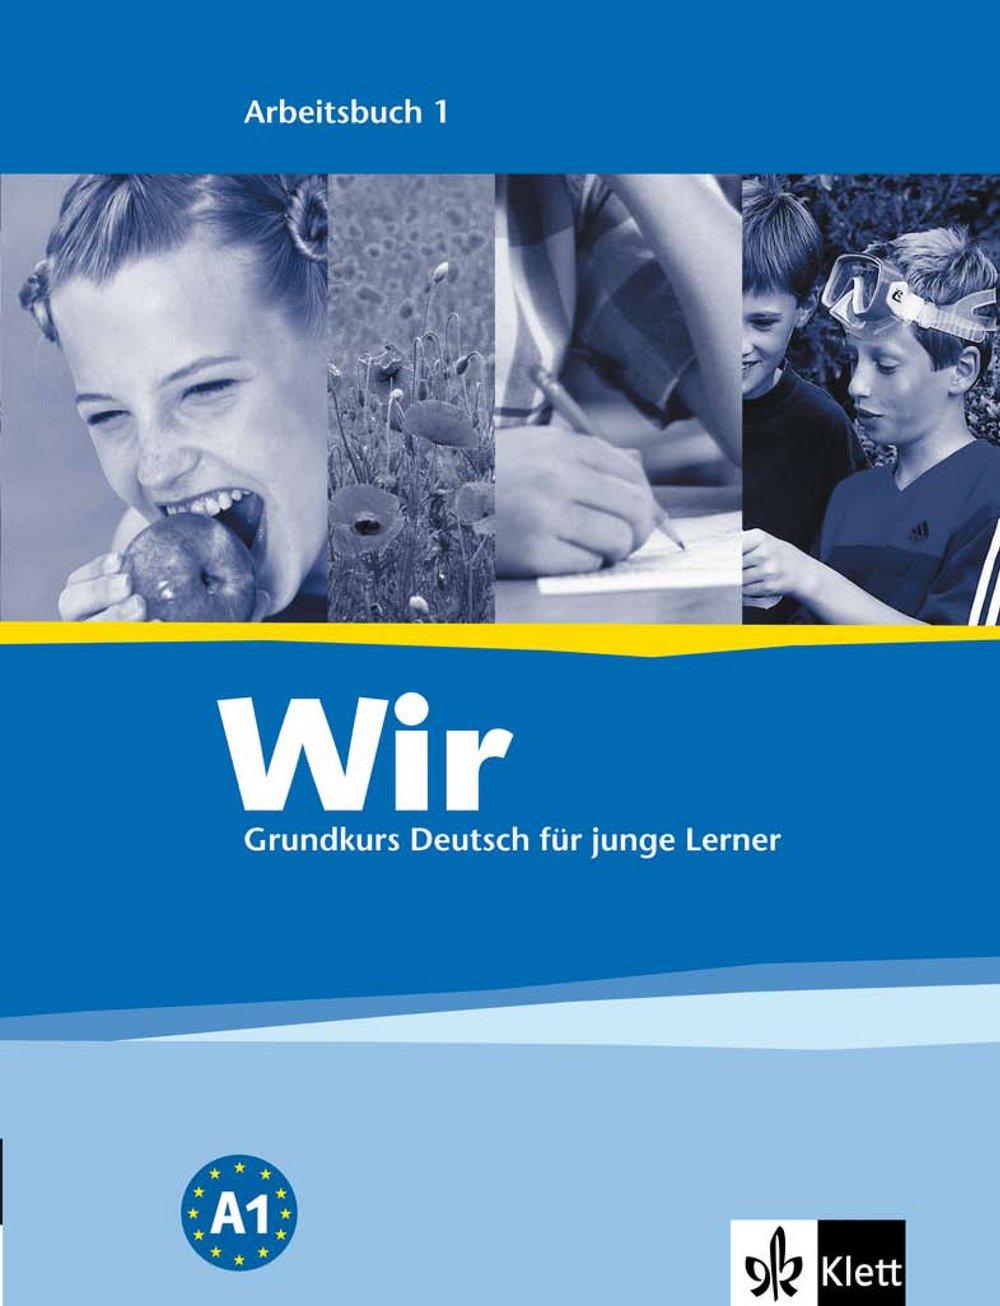 wir-1-grundkurs-deutsch-fr-junge-lerner-arbeitsbuch-wir-grundkurs-deutsch-fr-junge-lerner-band-1